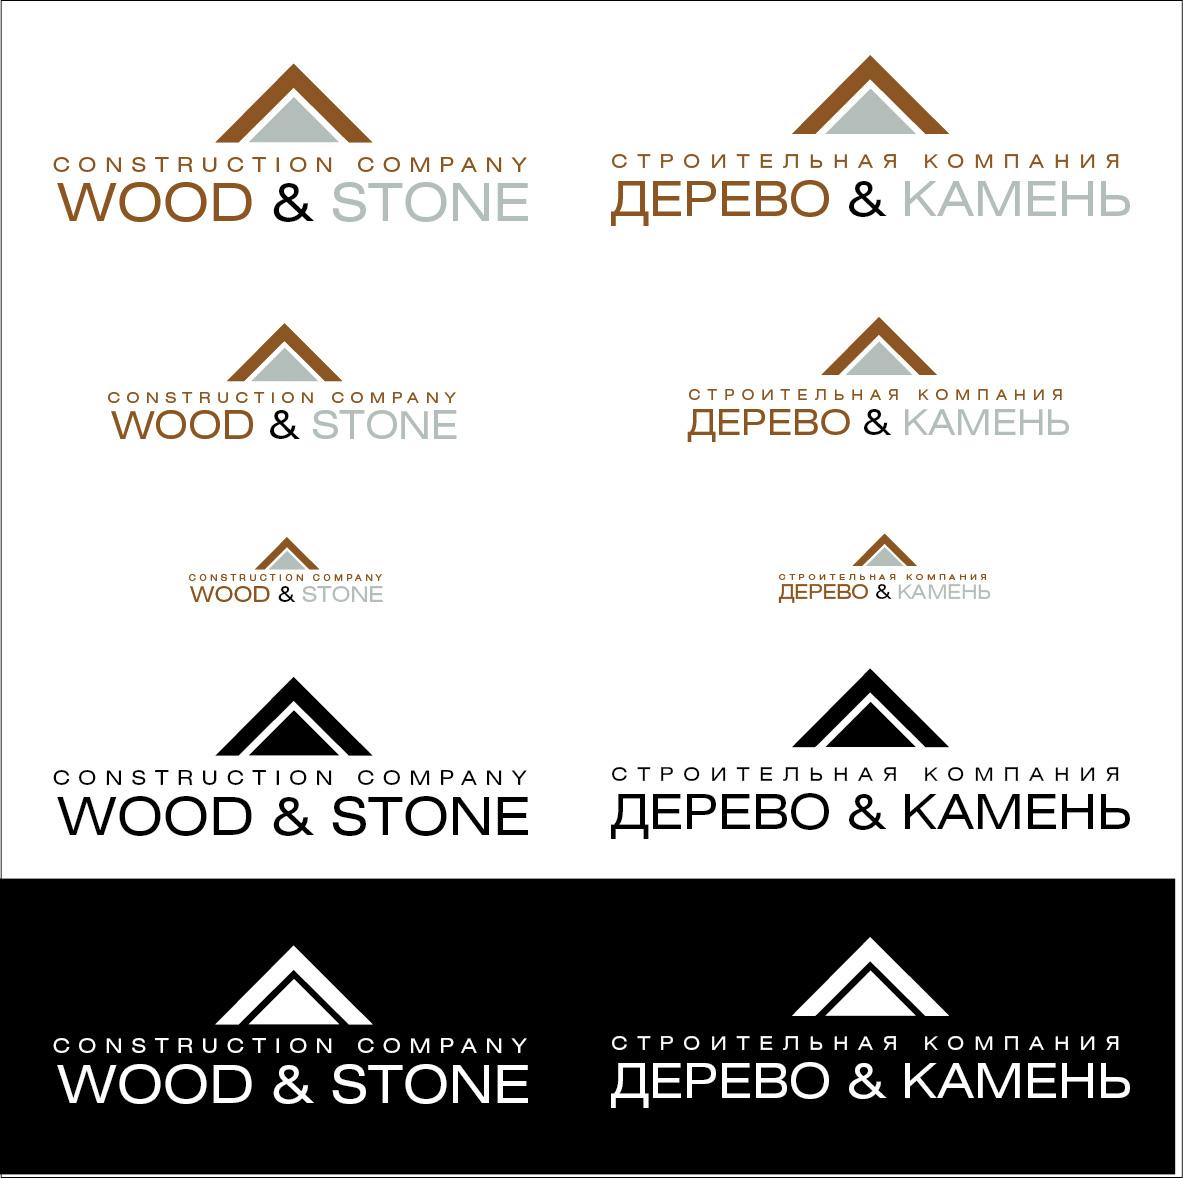 Логотип и Фирменный стиль фото f_79354941d2a1266f.jpg